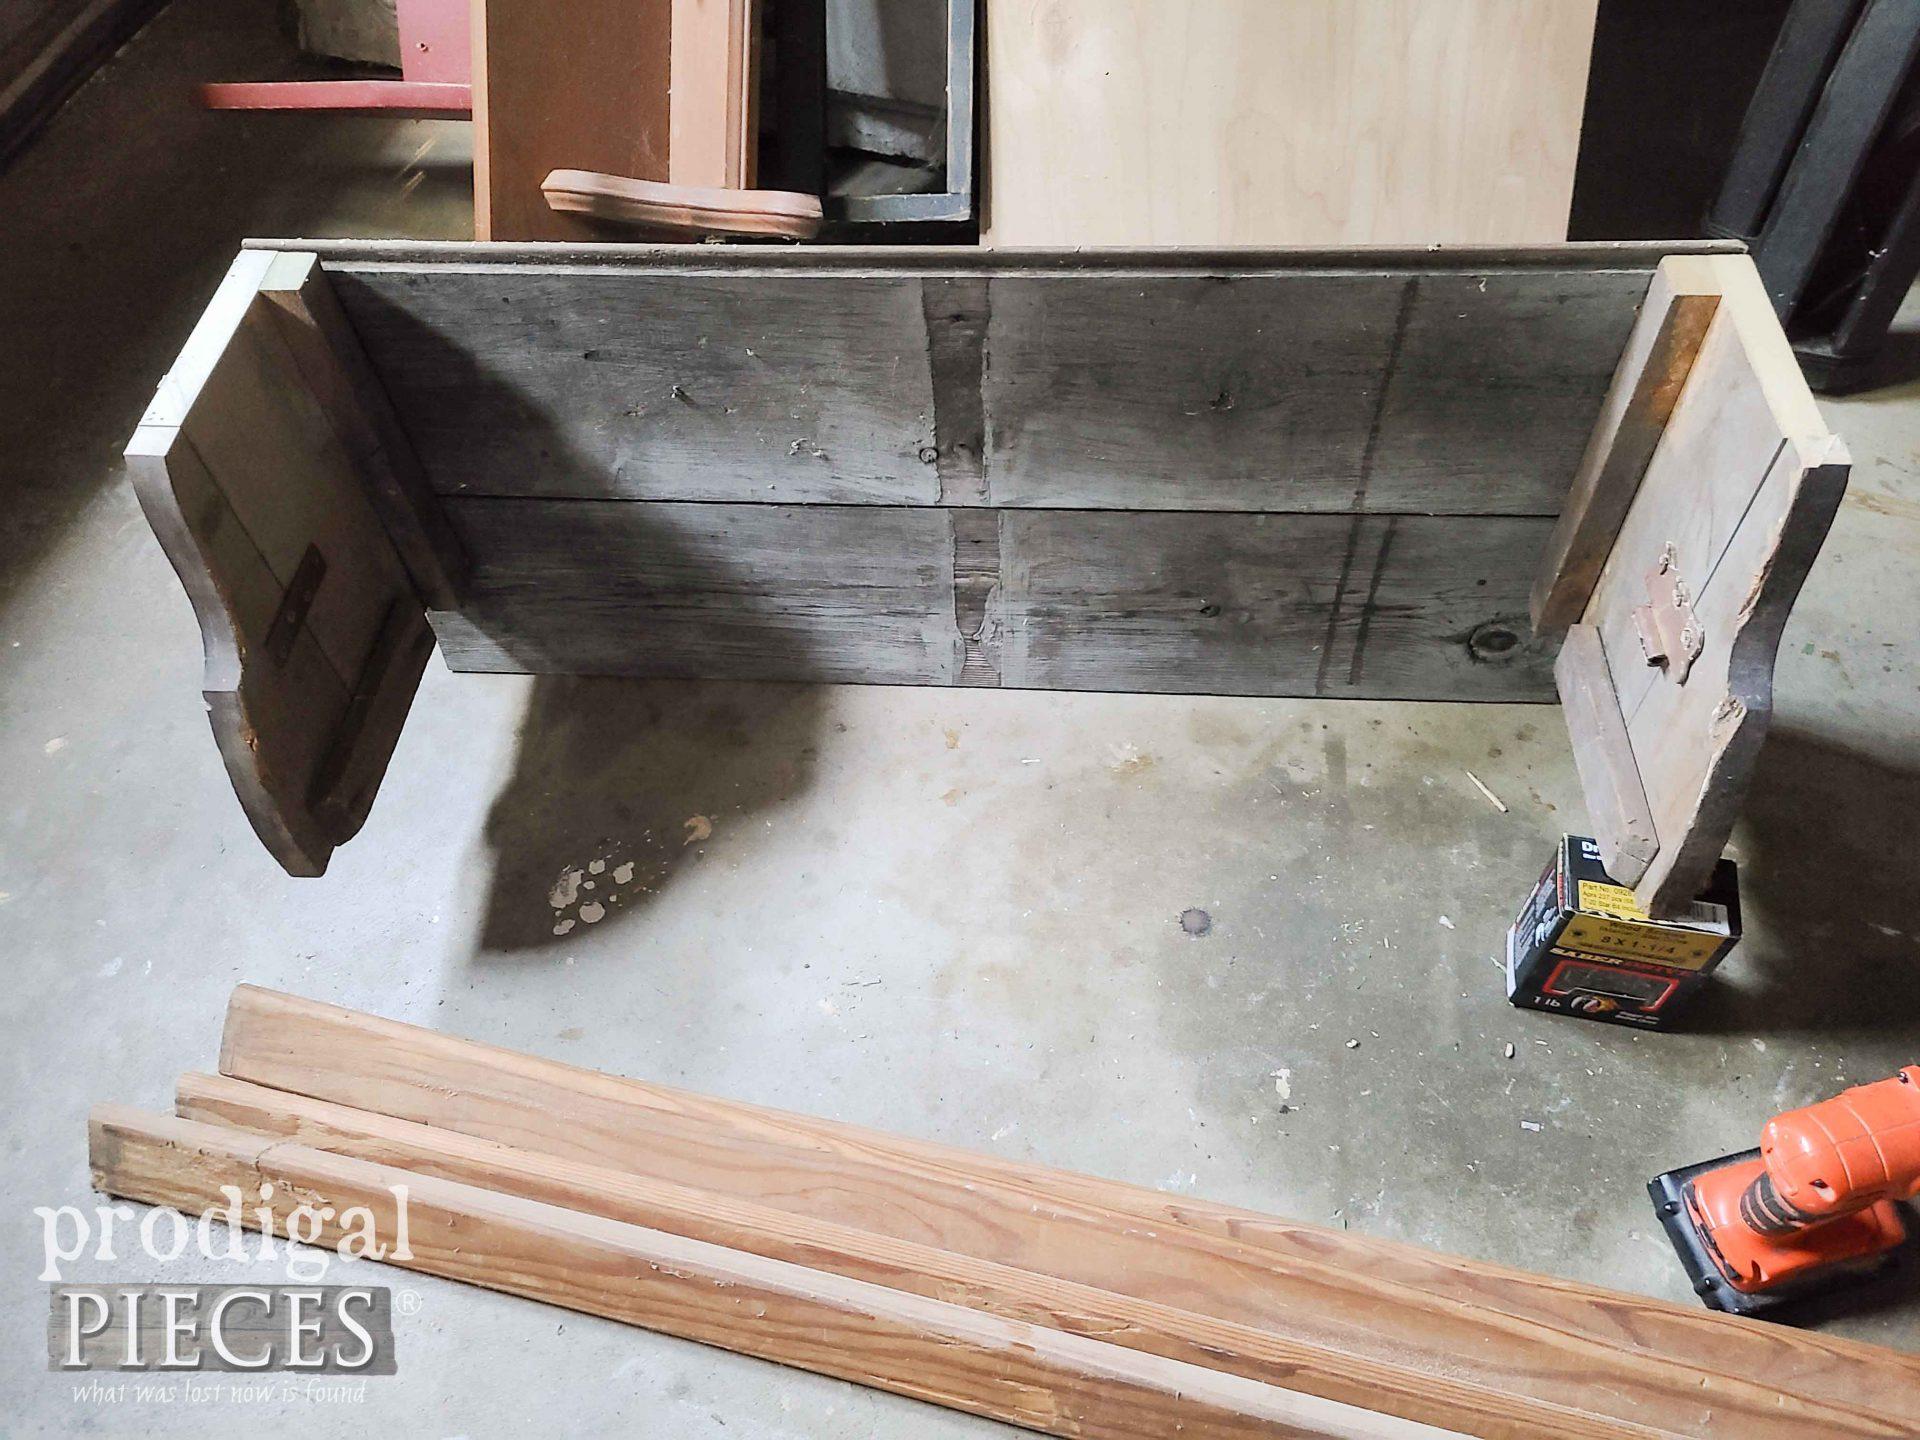 Assmebling the Antique Bed Pieces for Reclaimed Shelf Rack   prodigapieces.com